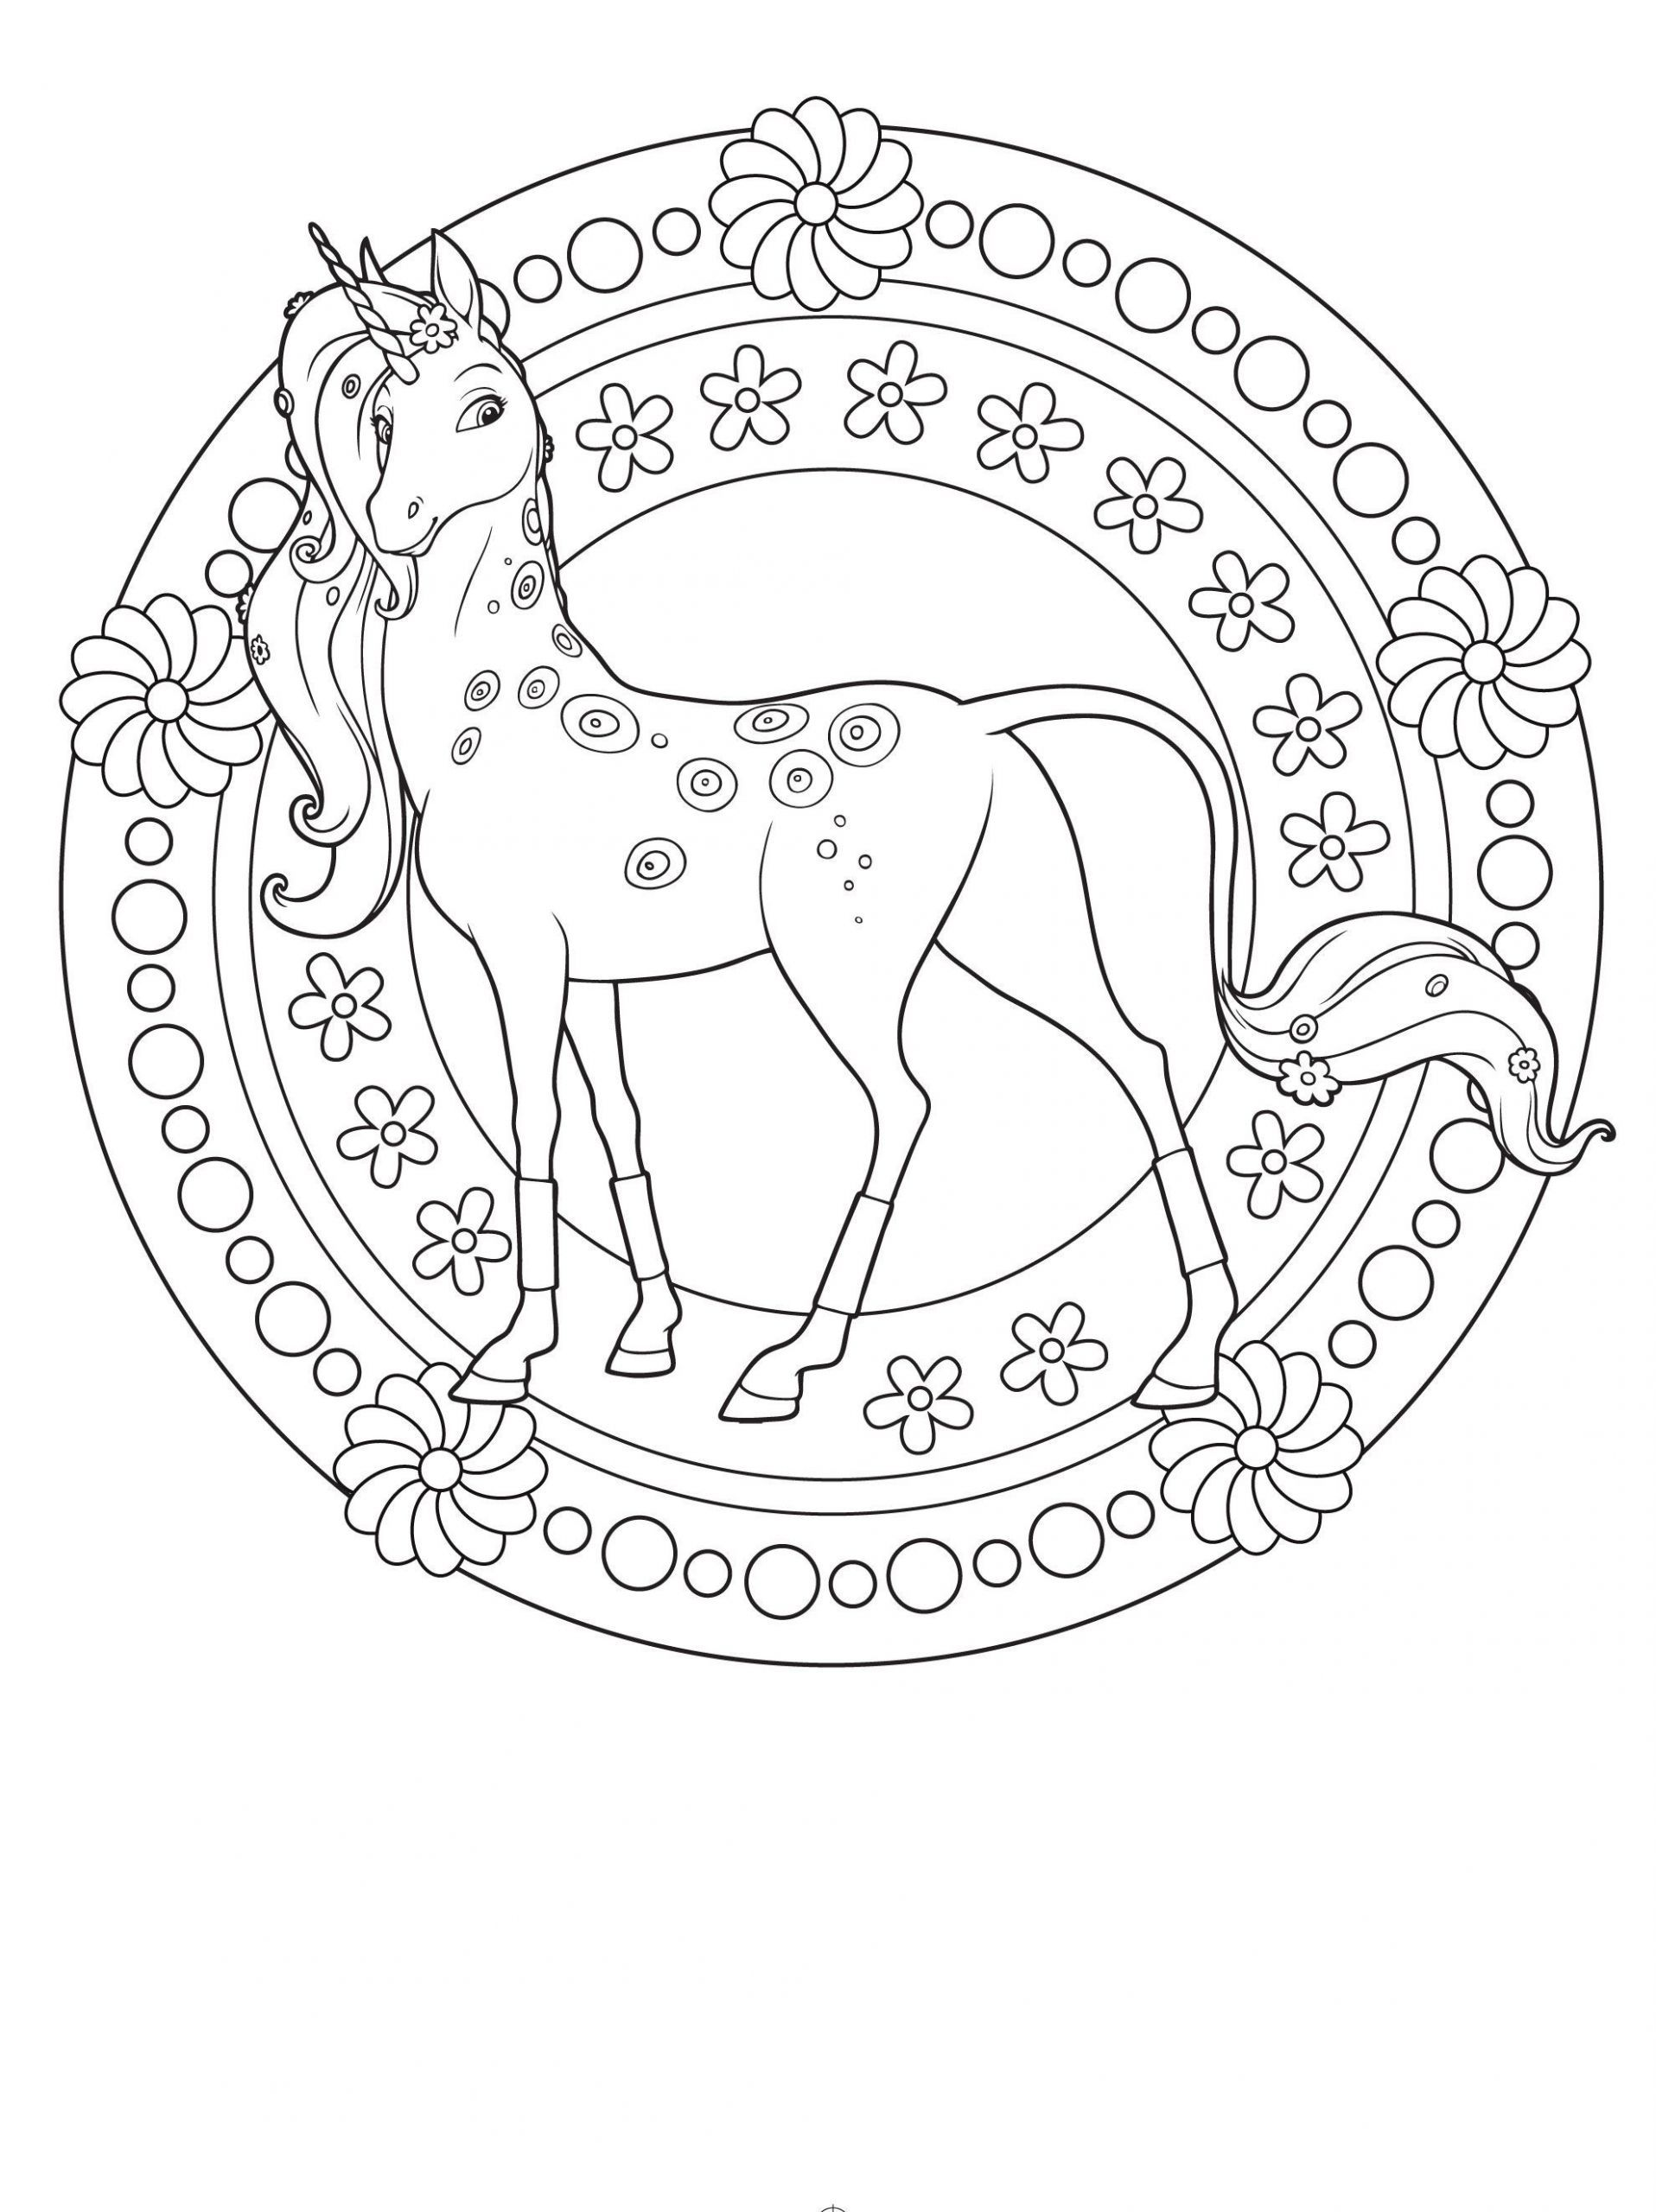 Die Besten Von Ausmalbilder Prinzessin Einhorn Ideen Of Kostenlose Malvorlage Prinzessin P Ausmalbilder Einhorn Zum Ausmalen Ausmalbilder Pferde Zum Ausdrucken